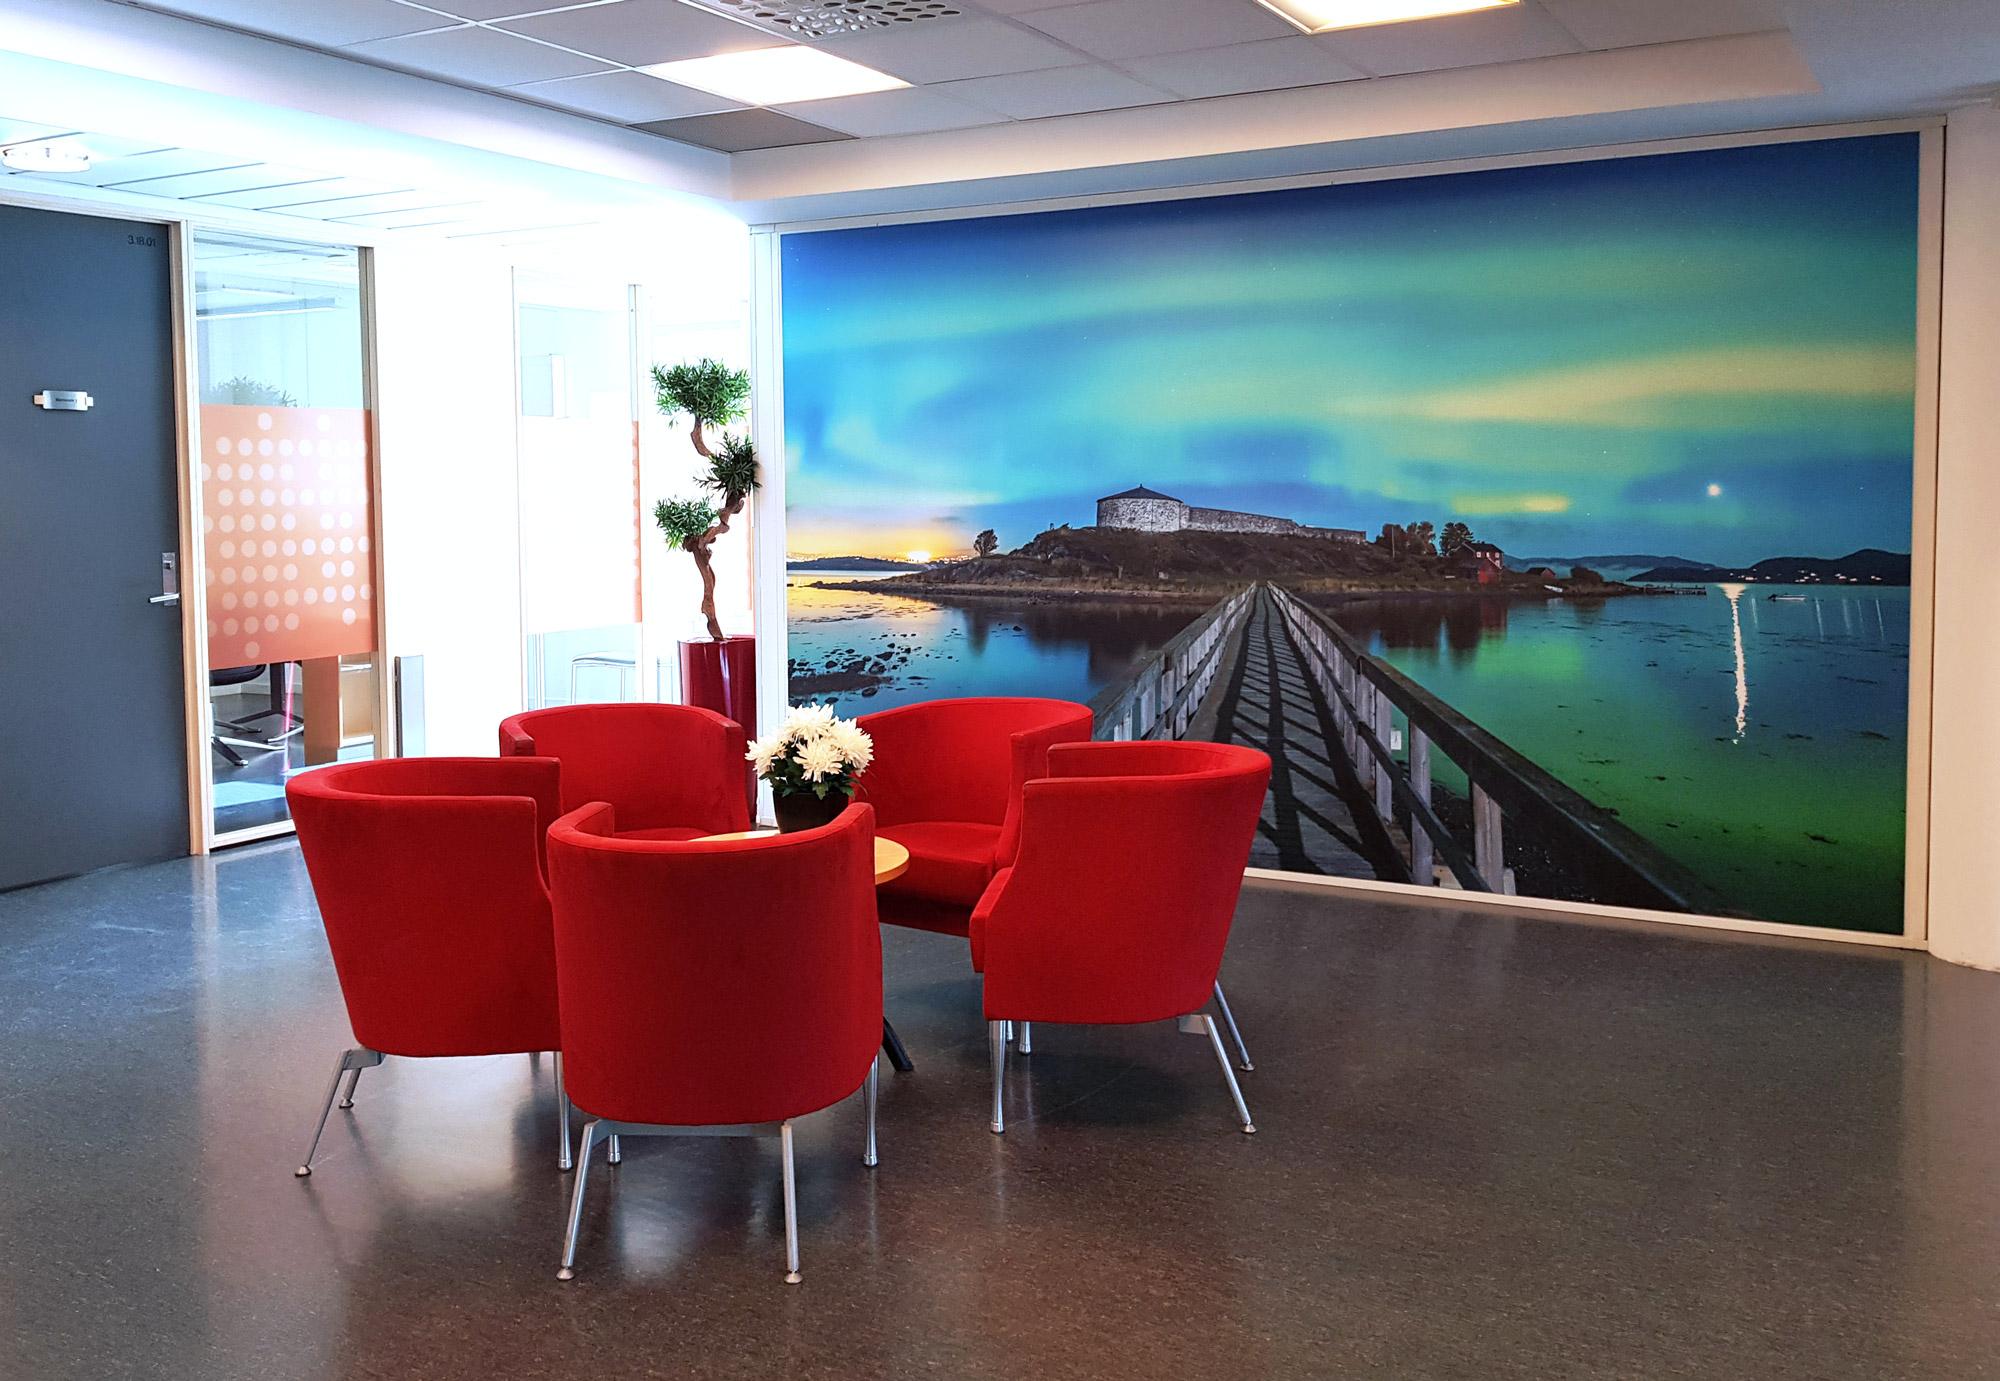 Helse Midt-Norge har fått heldekkende bilde på veggen